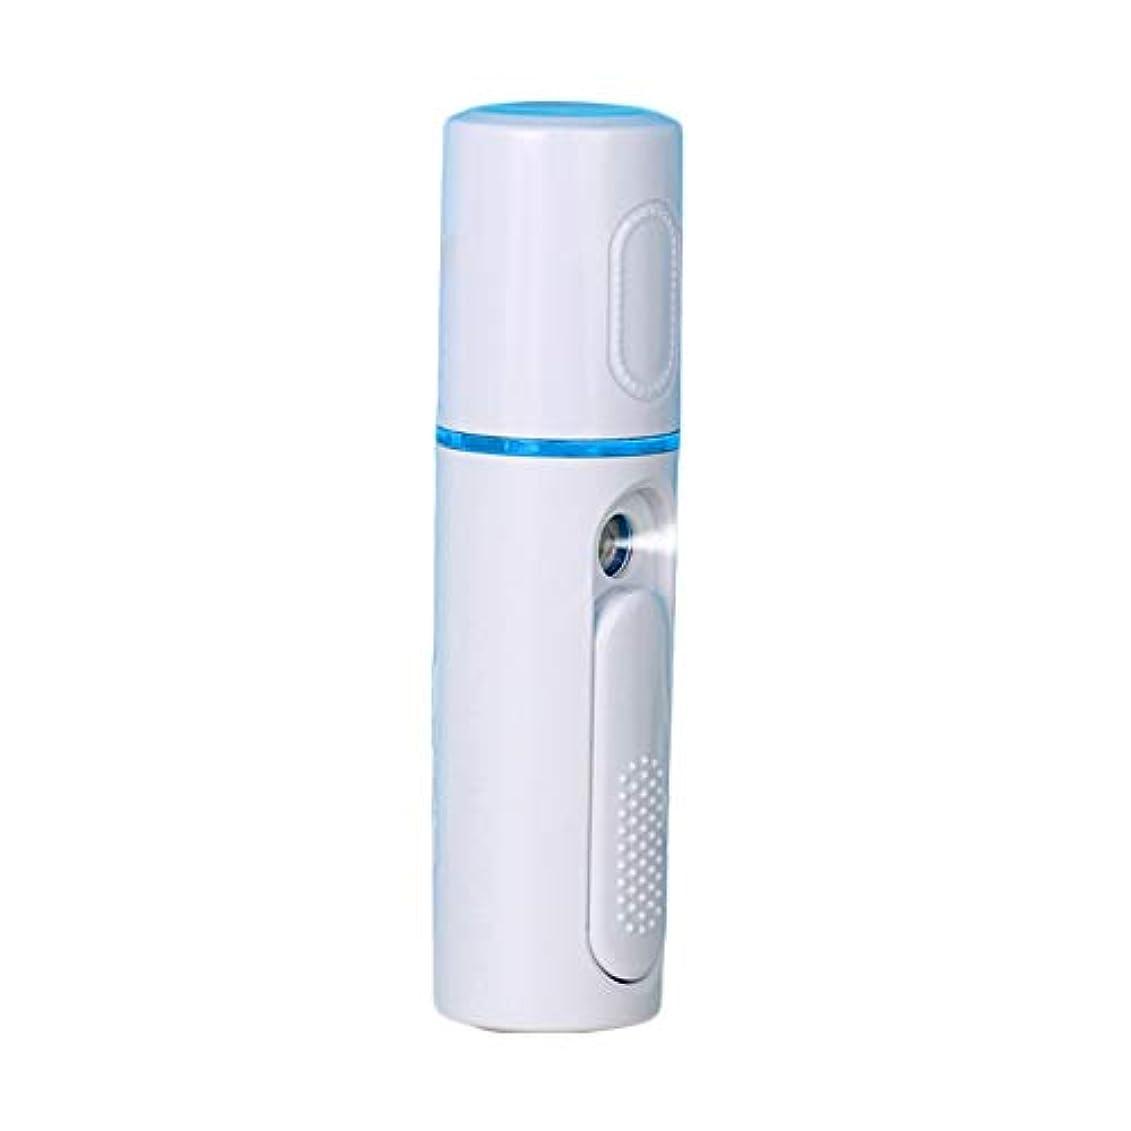 コカインピジンビルダー美顔器 噴霧式 ミニ携帯 ハンディ 美顔スプレー保湿 美白顔用加湿器 フェイススチーマー 補水美容器 小型 ナノミスト USB